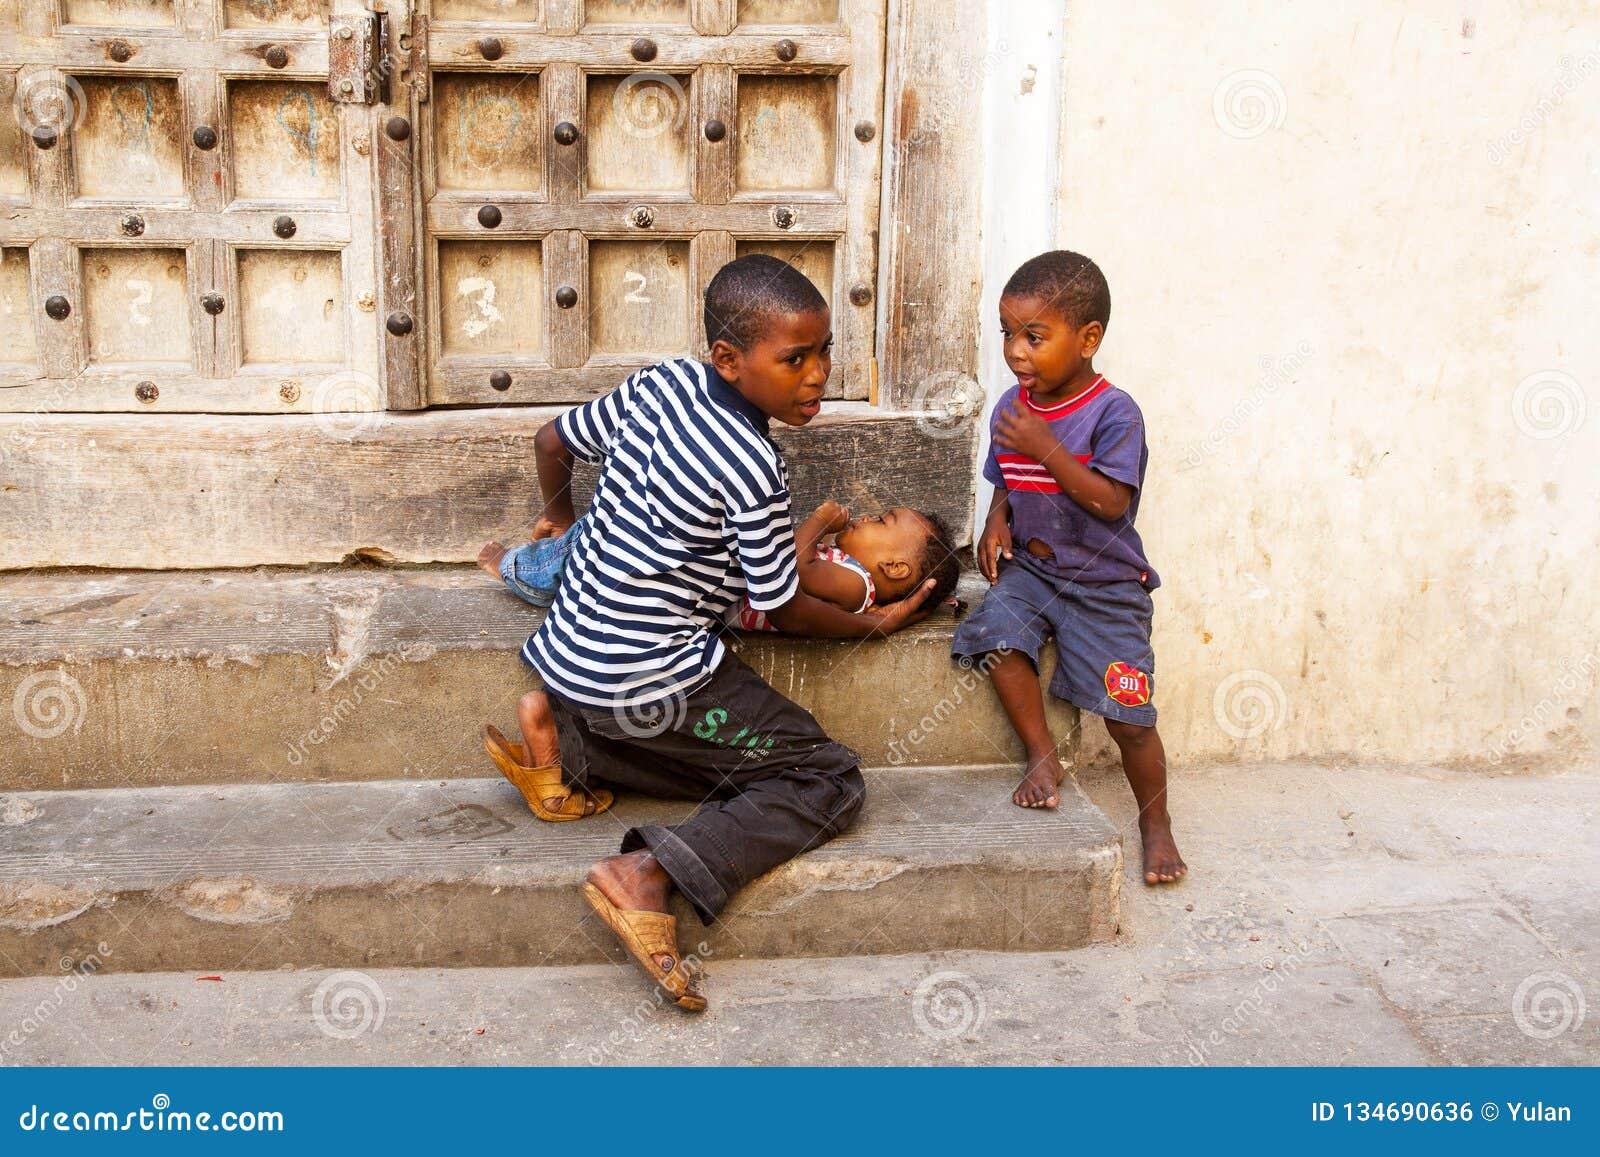 Δύο μικρά αφρικανικά αγόρια φροντίζουν το μικρότερο αδερφό τους